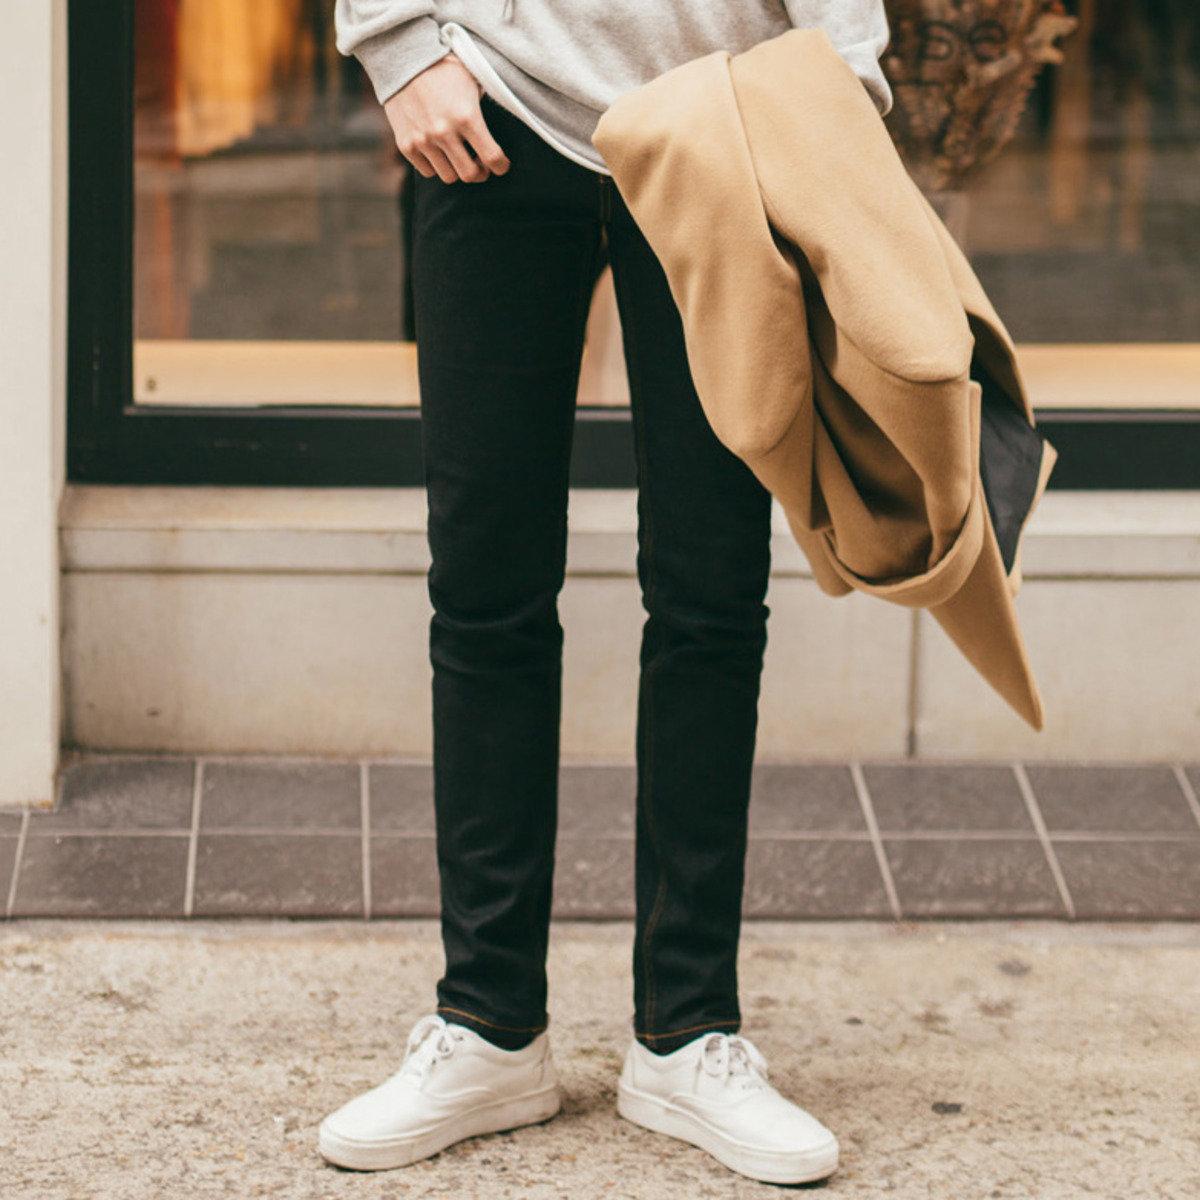 縫紉邊牛仔褲_PA1_151109535